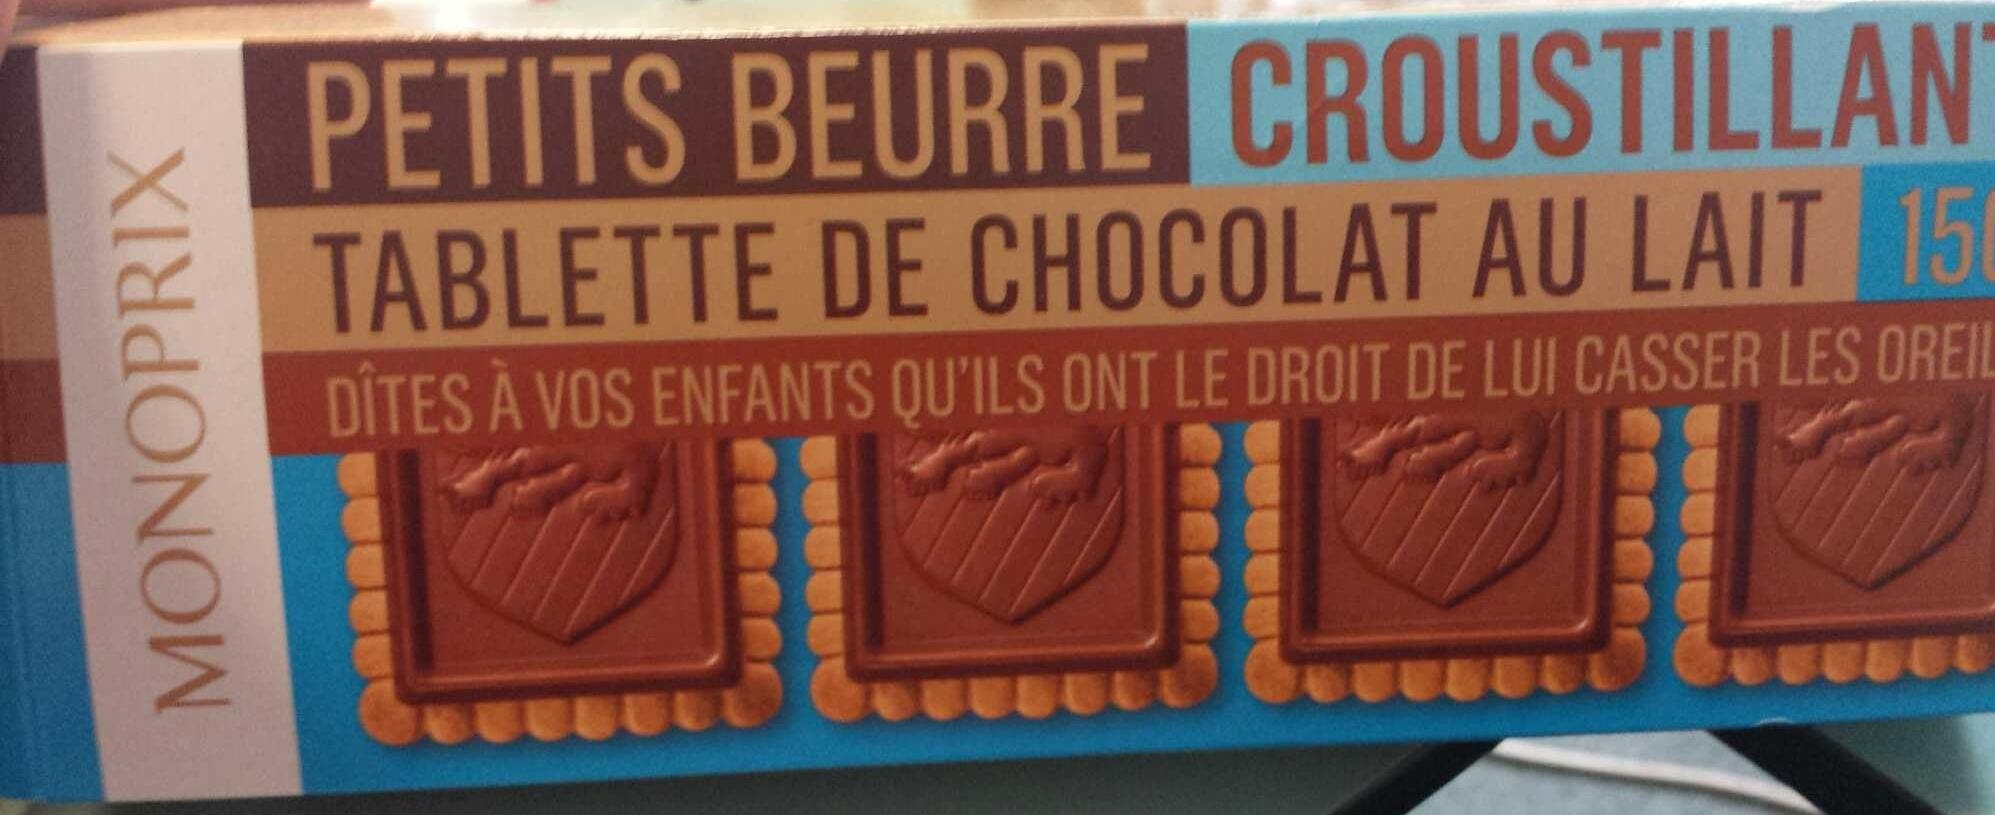 Petits Beurre Croustillant Tablette de Chocolat au Lait - Produkt - fr